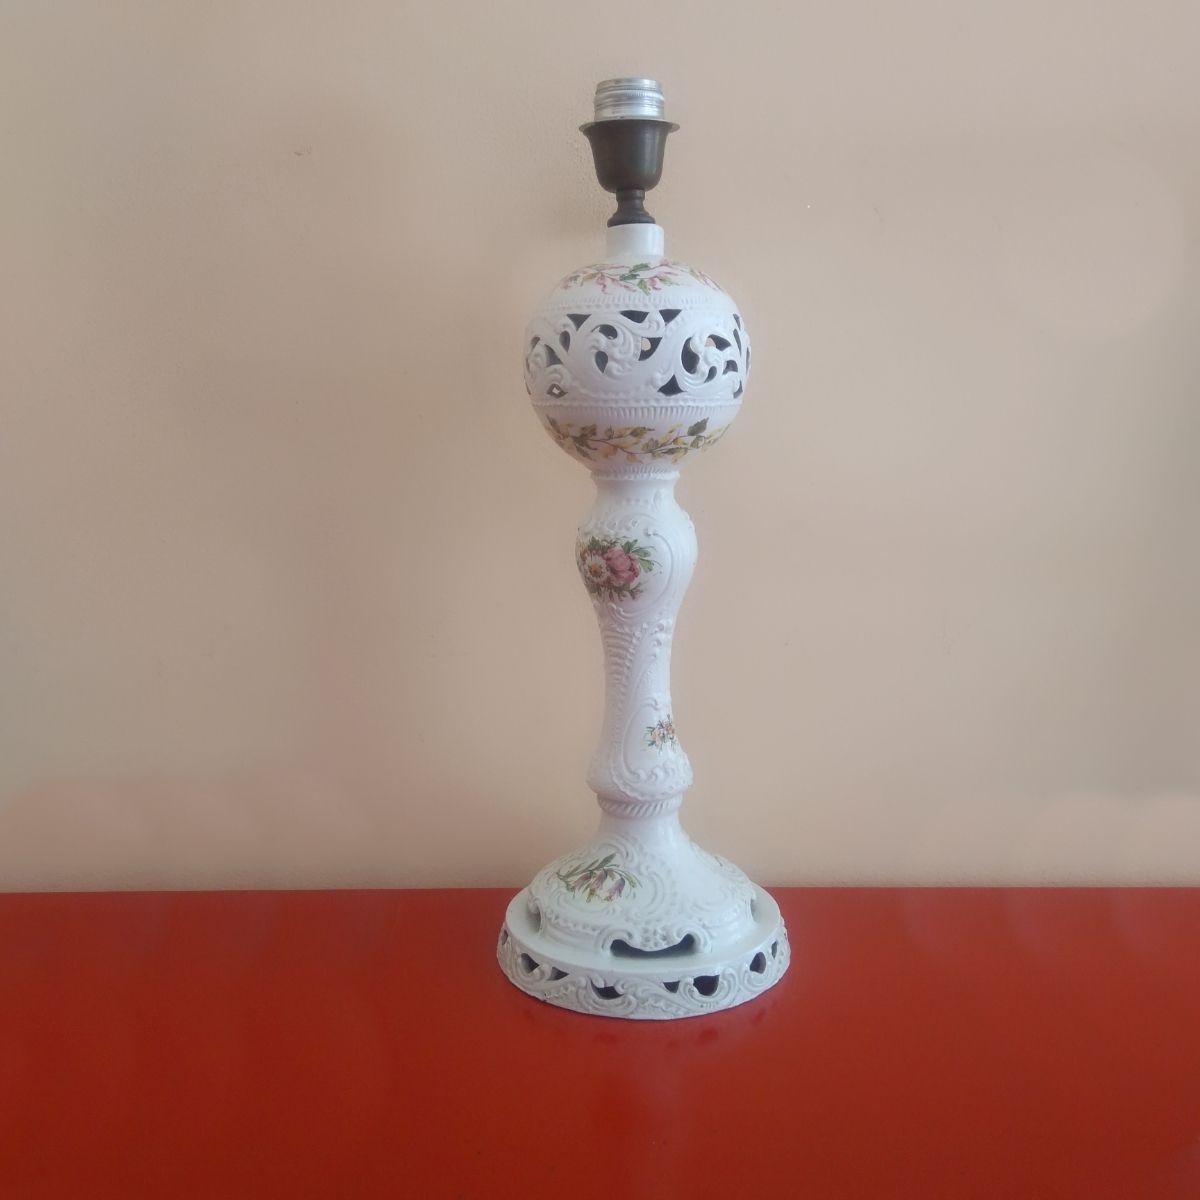 Lampadario Ceramica Di Bassano.Base Per Lampada Da Tavolo Ceramica Di Bassano Qualche Proposta